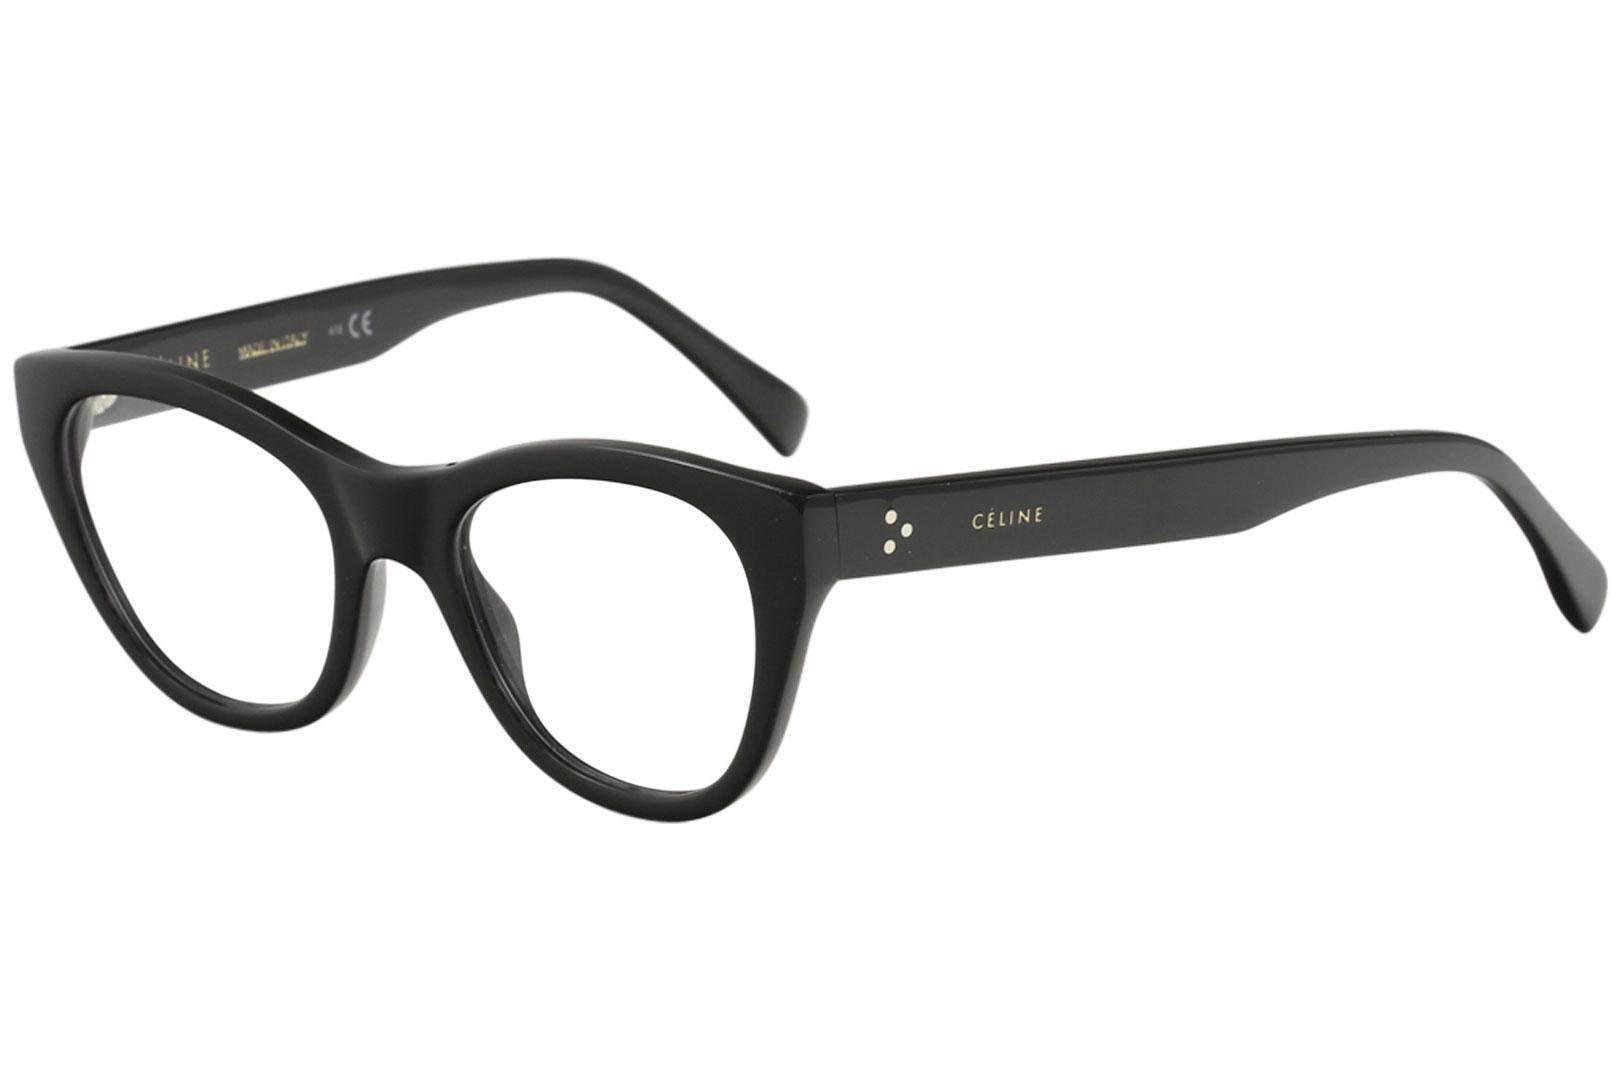 9f509dfb3ed Celine Women s Eyeglasses CL50005I CL 50005 I Full Rim Optical Frame by  Celine. Touch to zoom